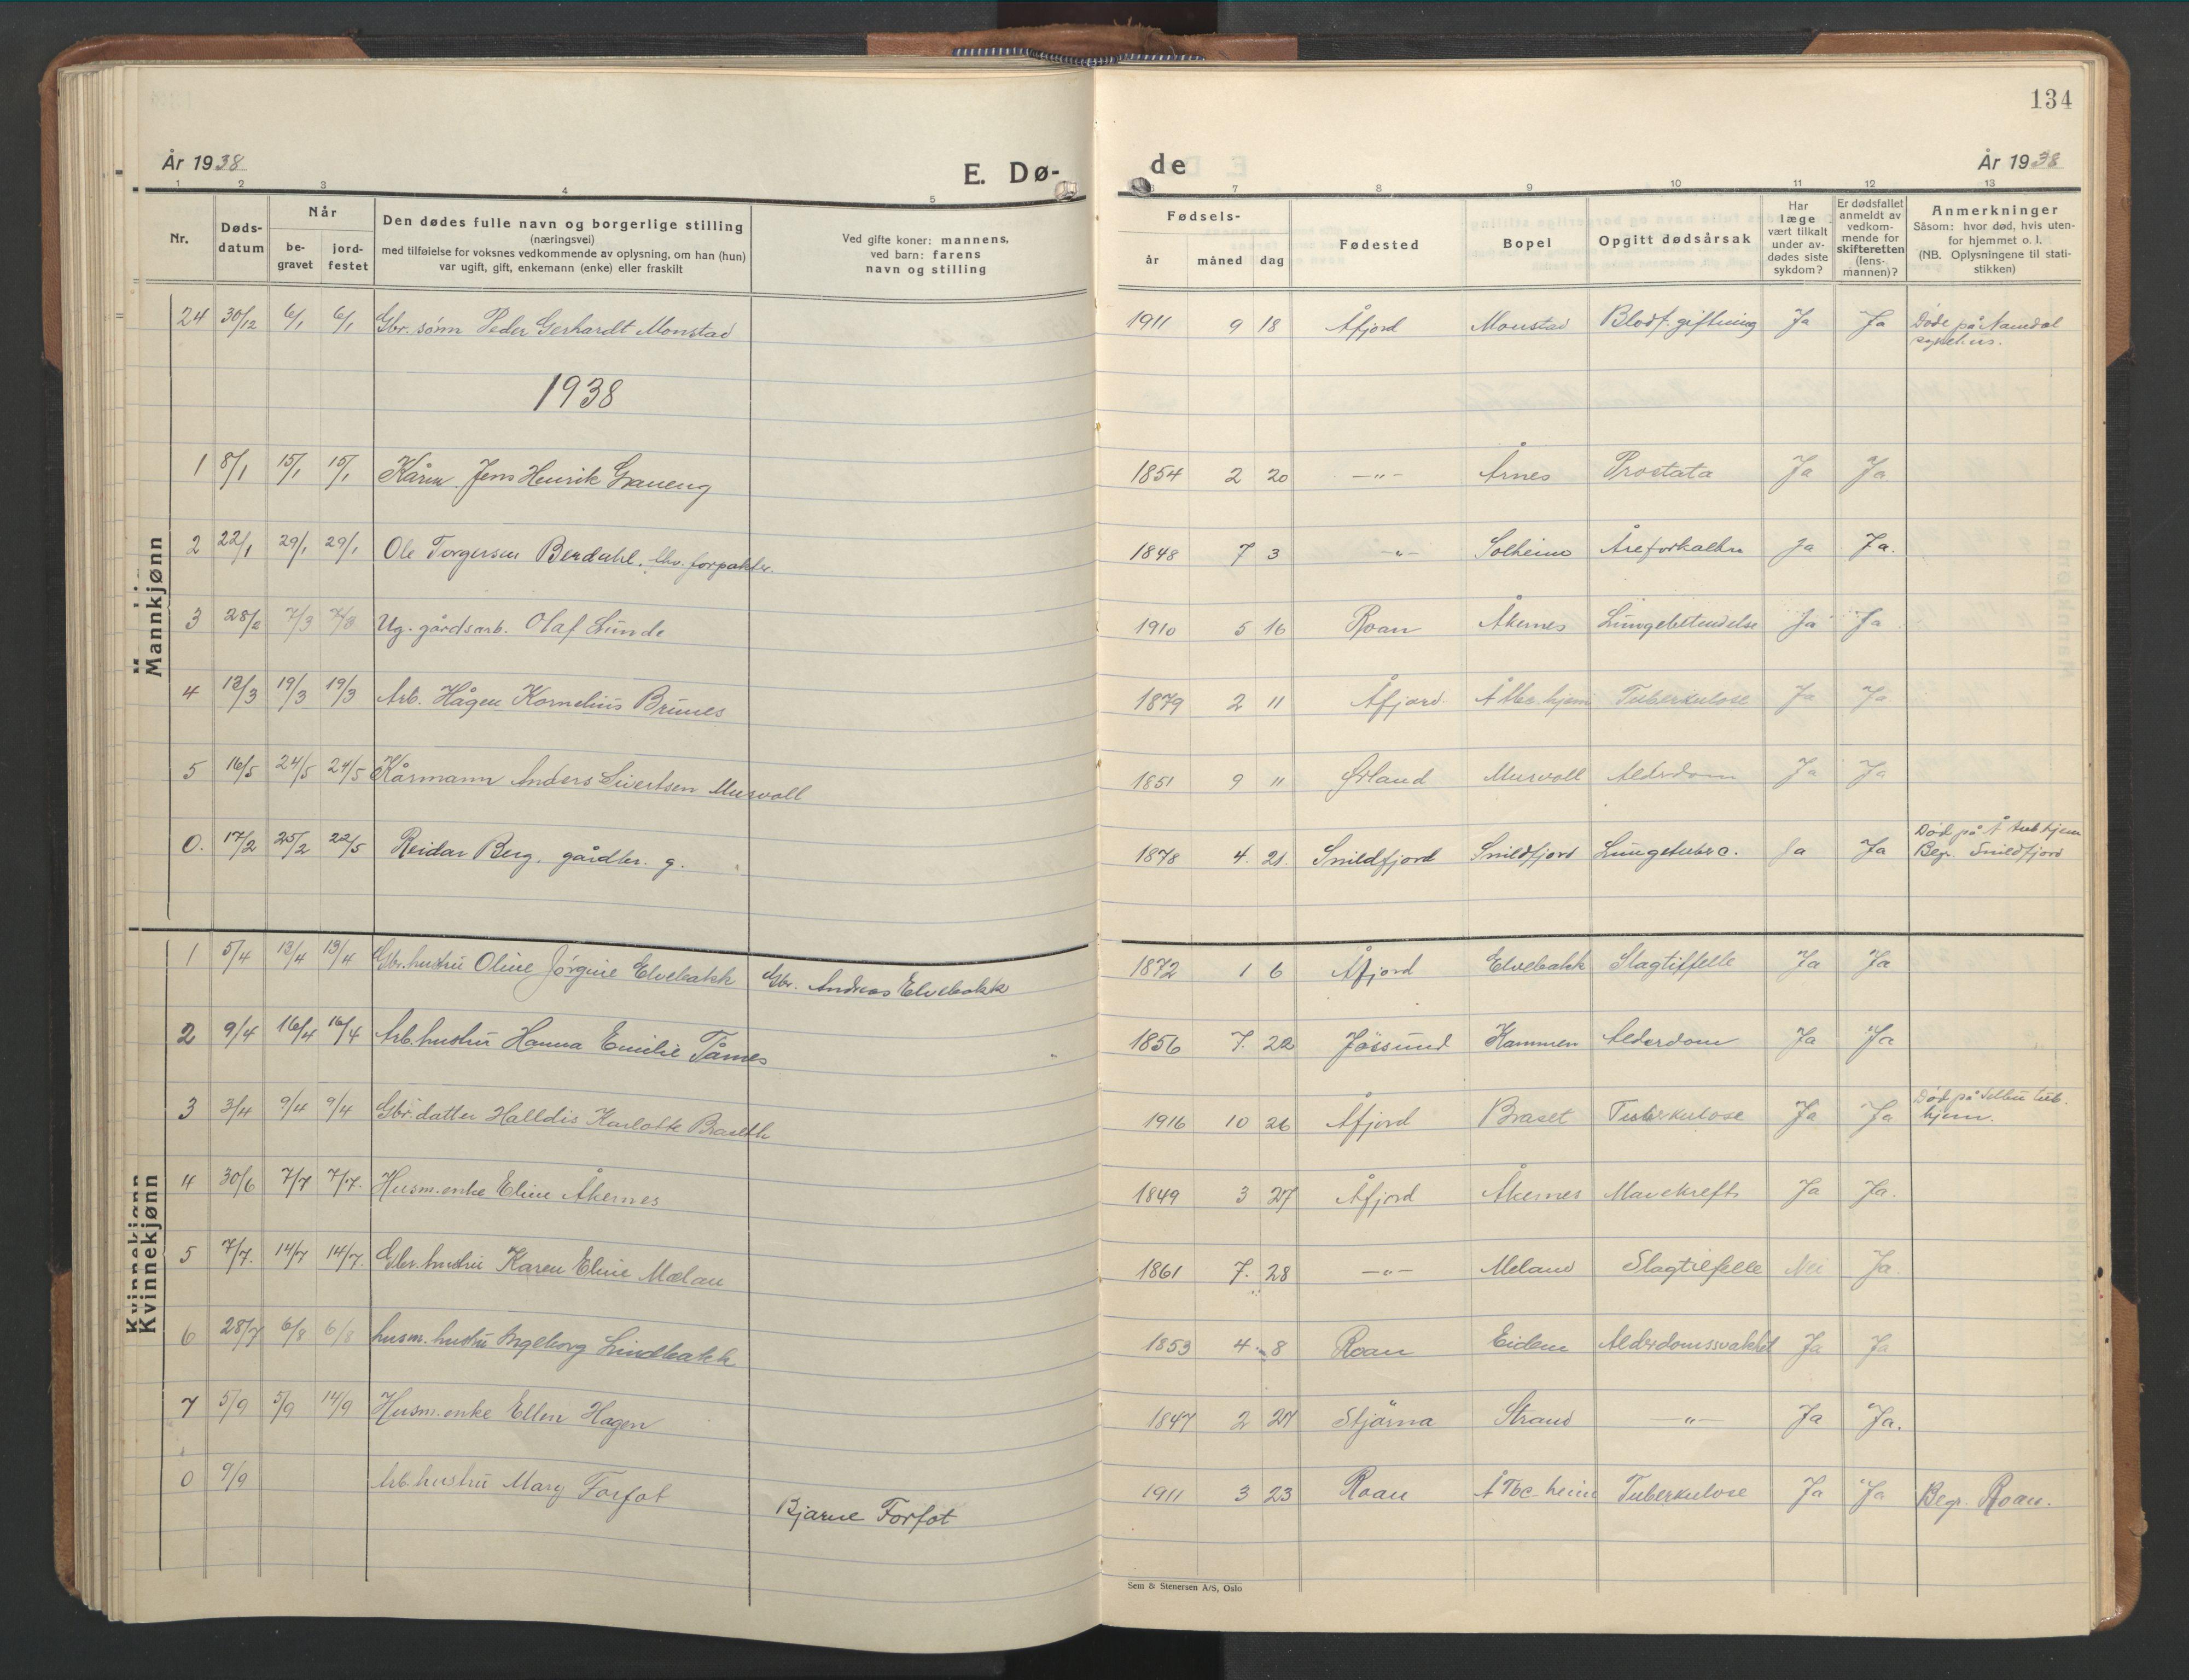 SAT, Ministerialprotokoller, klokkerbøker og fødselsregistre - Sør-Trøndelag, 655/L0690: Klokkerbok nr. 655C06, 1937-1950, s. 134